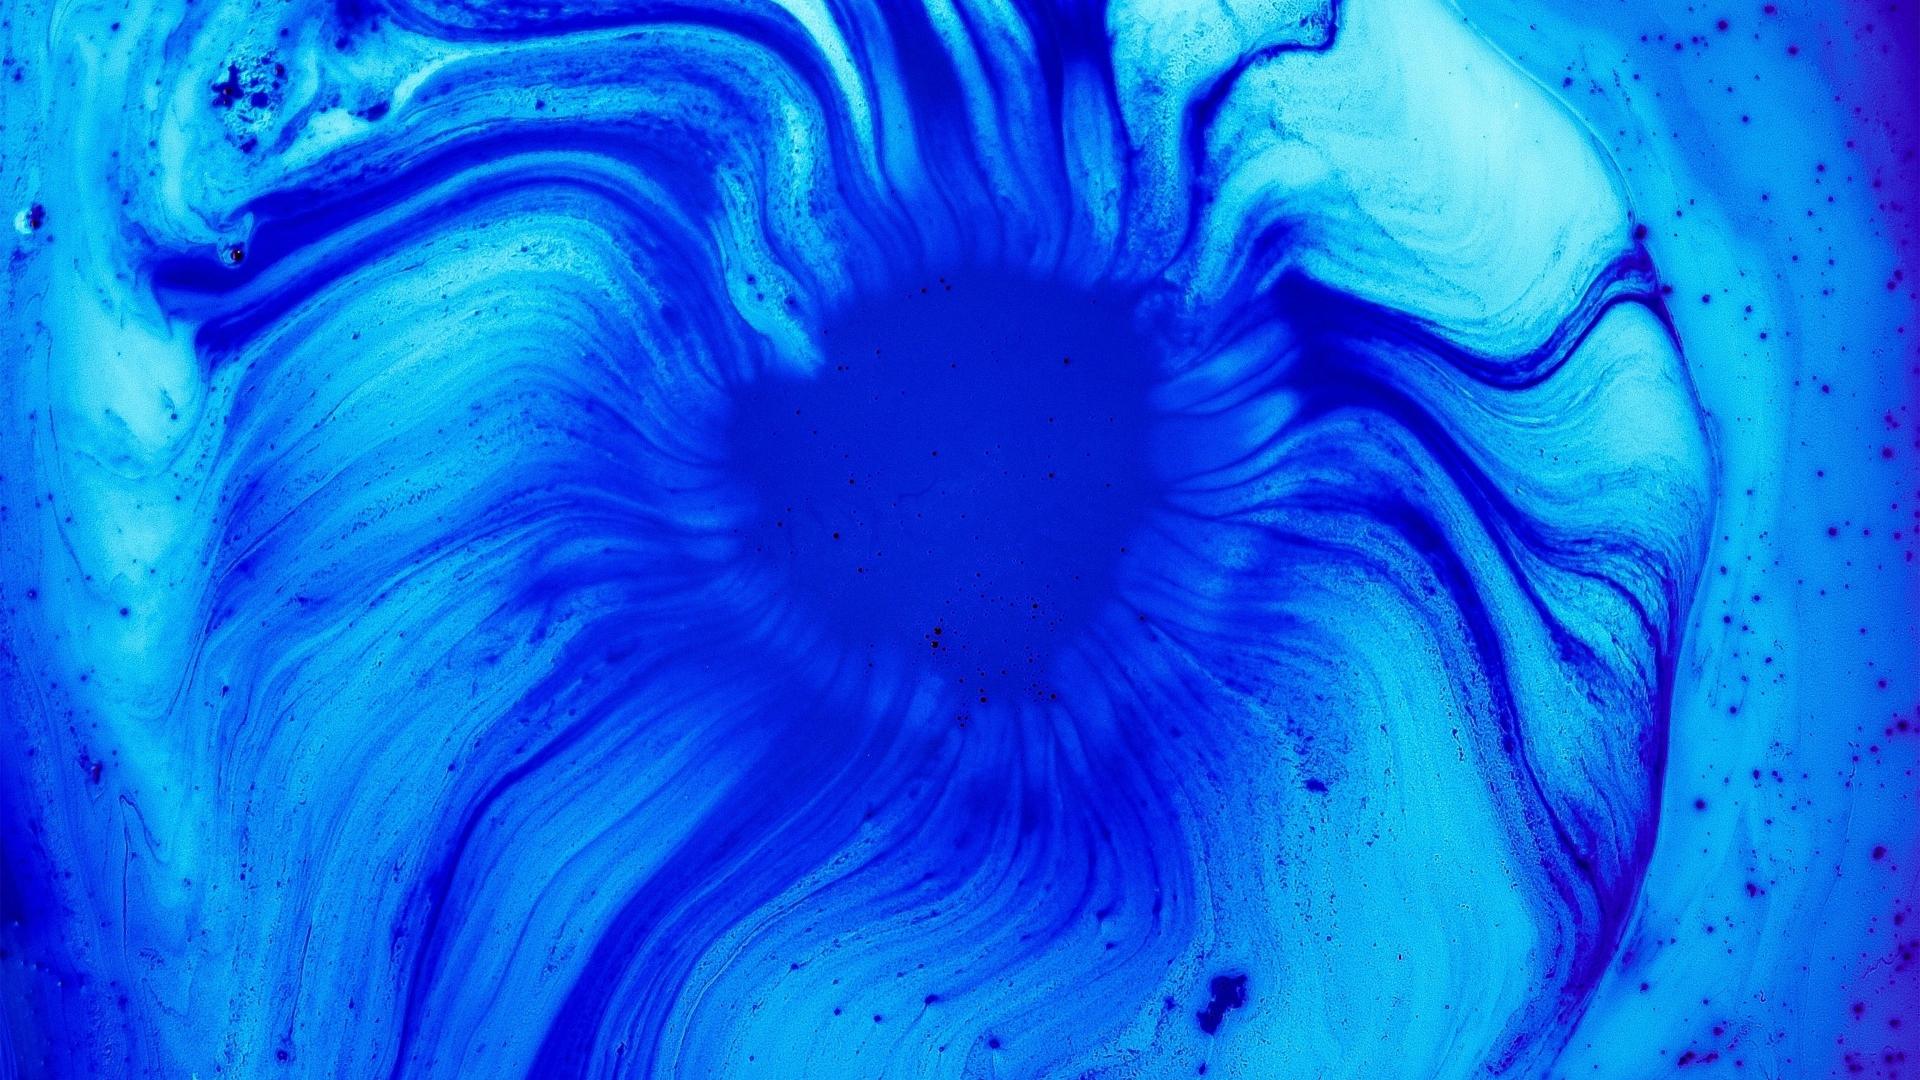 1920x1080 Blue Unsplash 1080P Laptop Full HD Wallpaper, HD ...